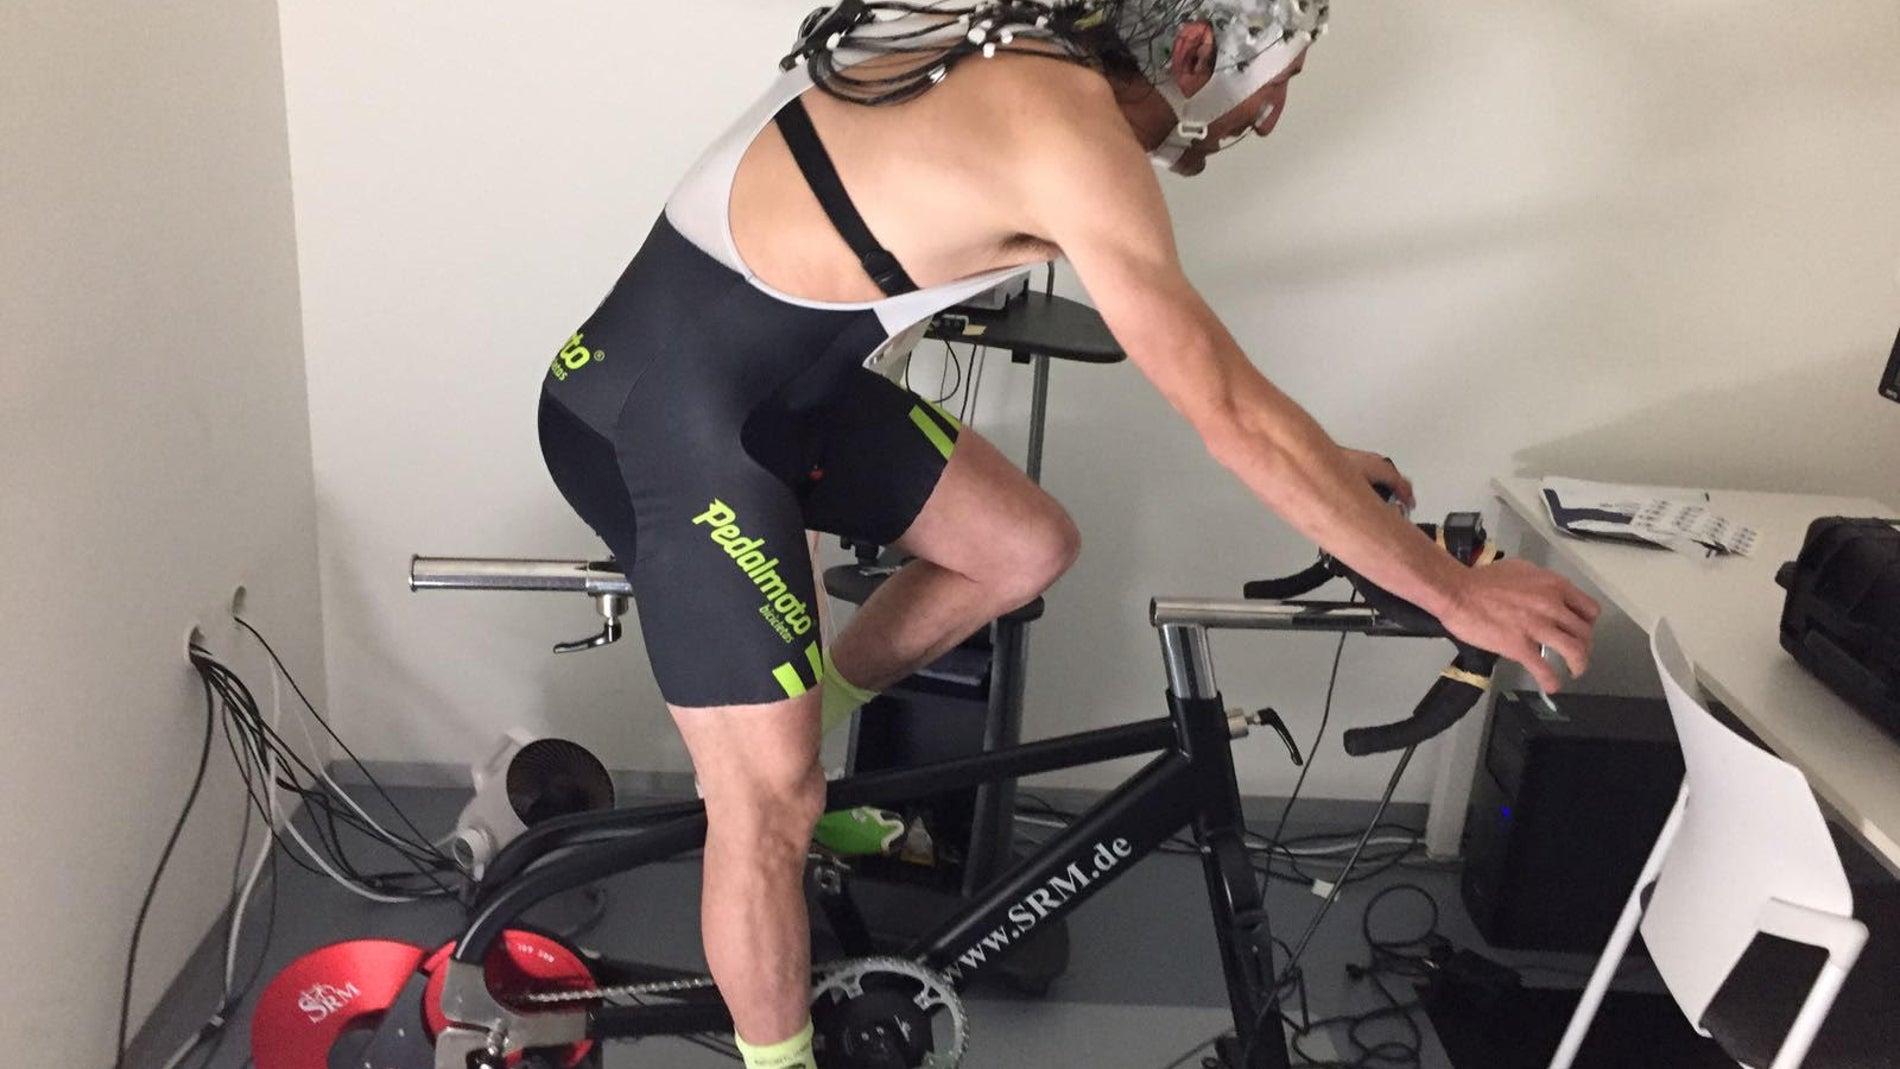 Participante en un estudio sobre la influencia de la estimulación cerebral en el rendimiento deportivo.